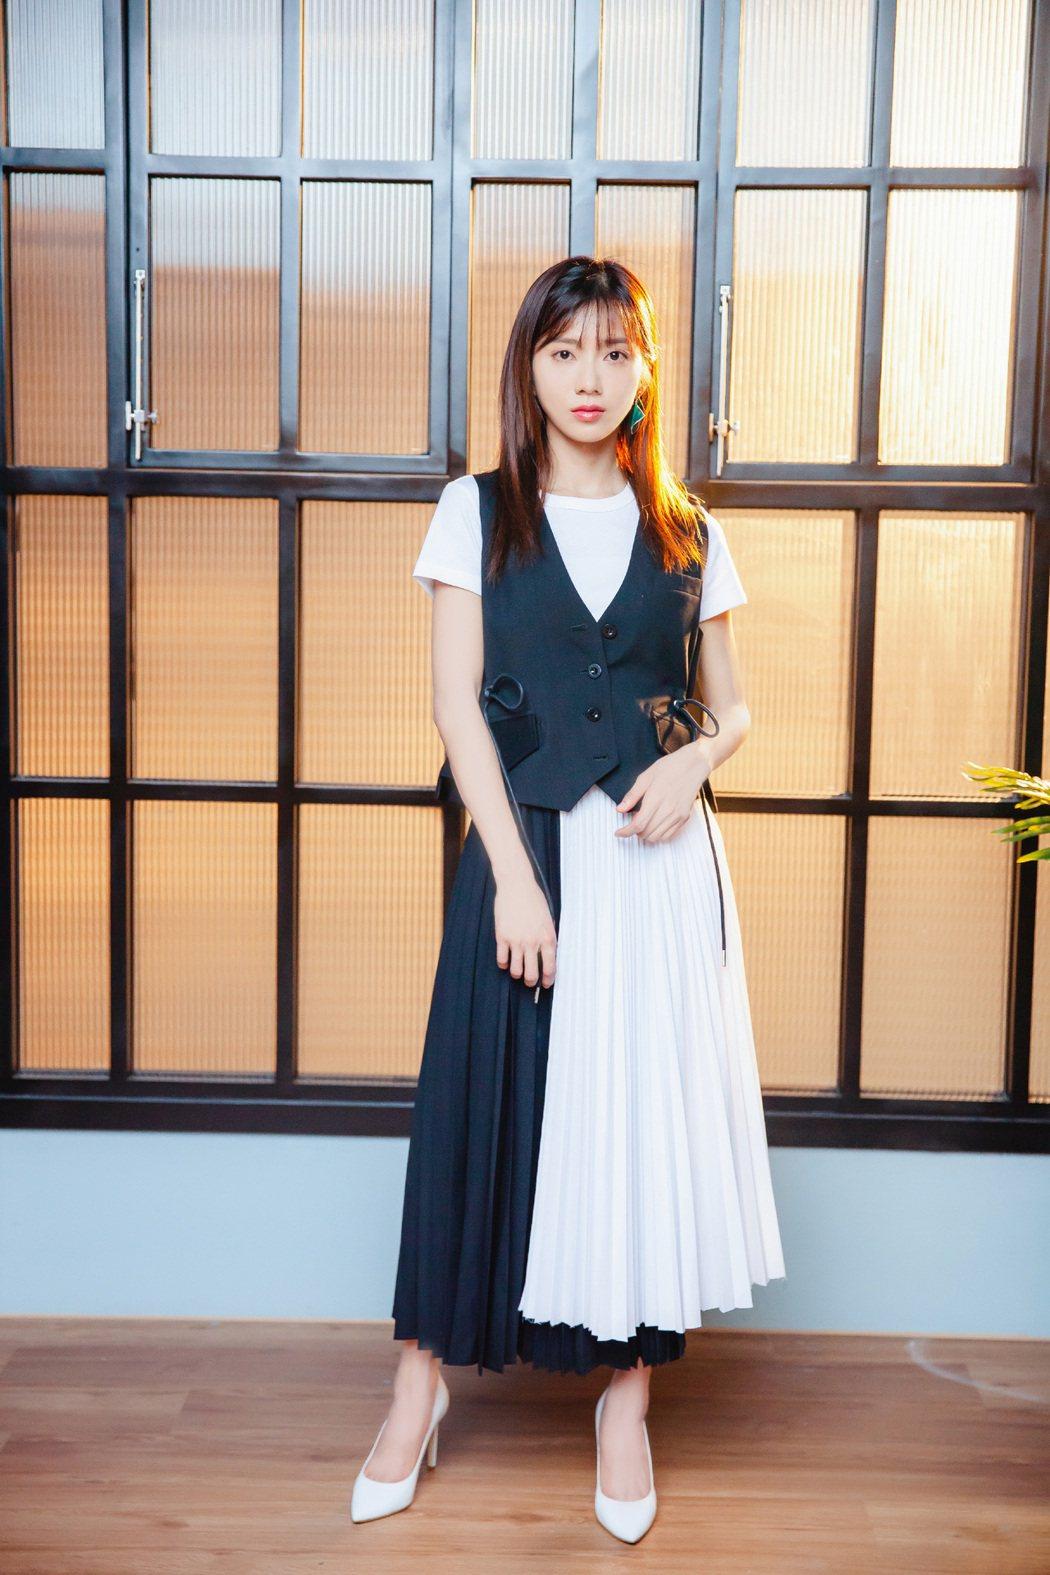 蔡黃汝推出新歌「煙火」。圖/繁星浩月提供